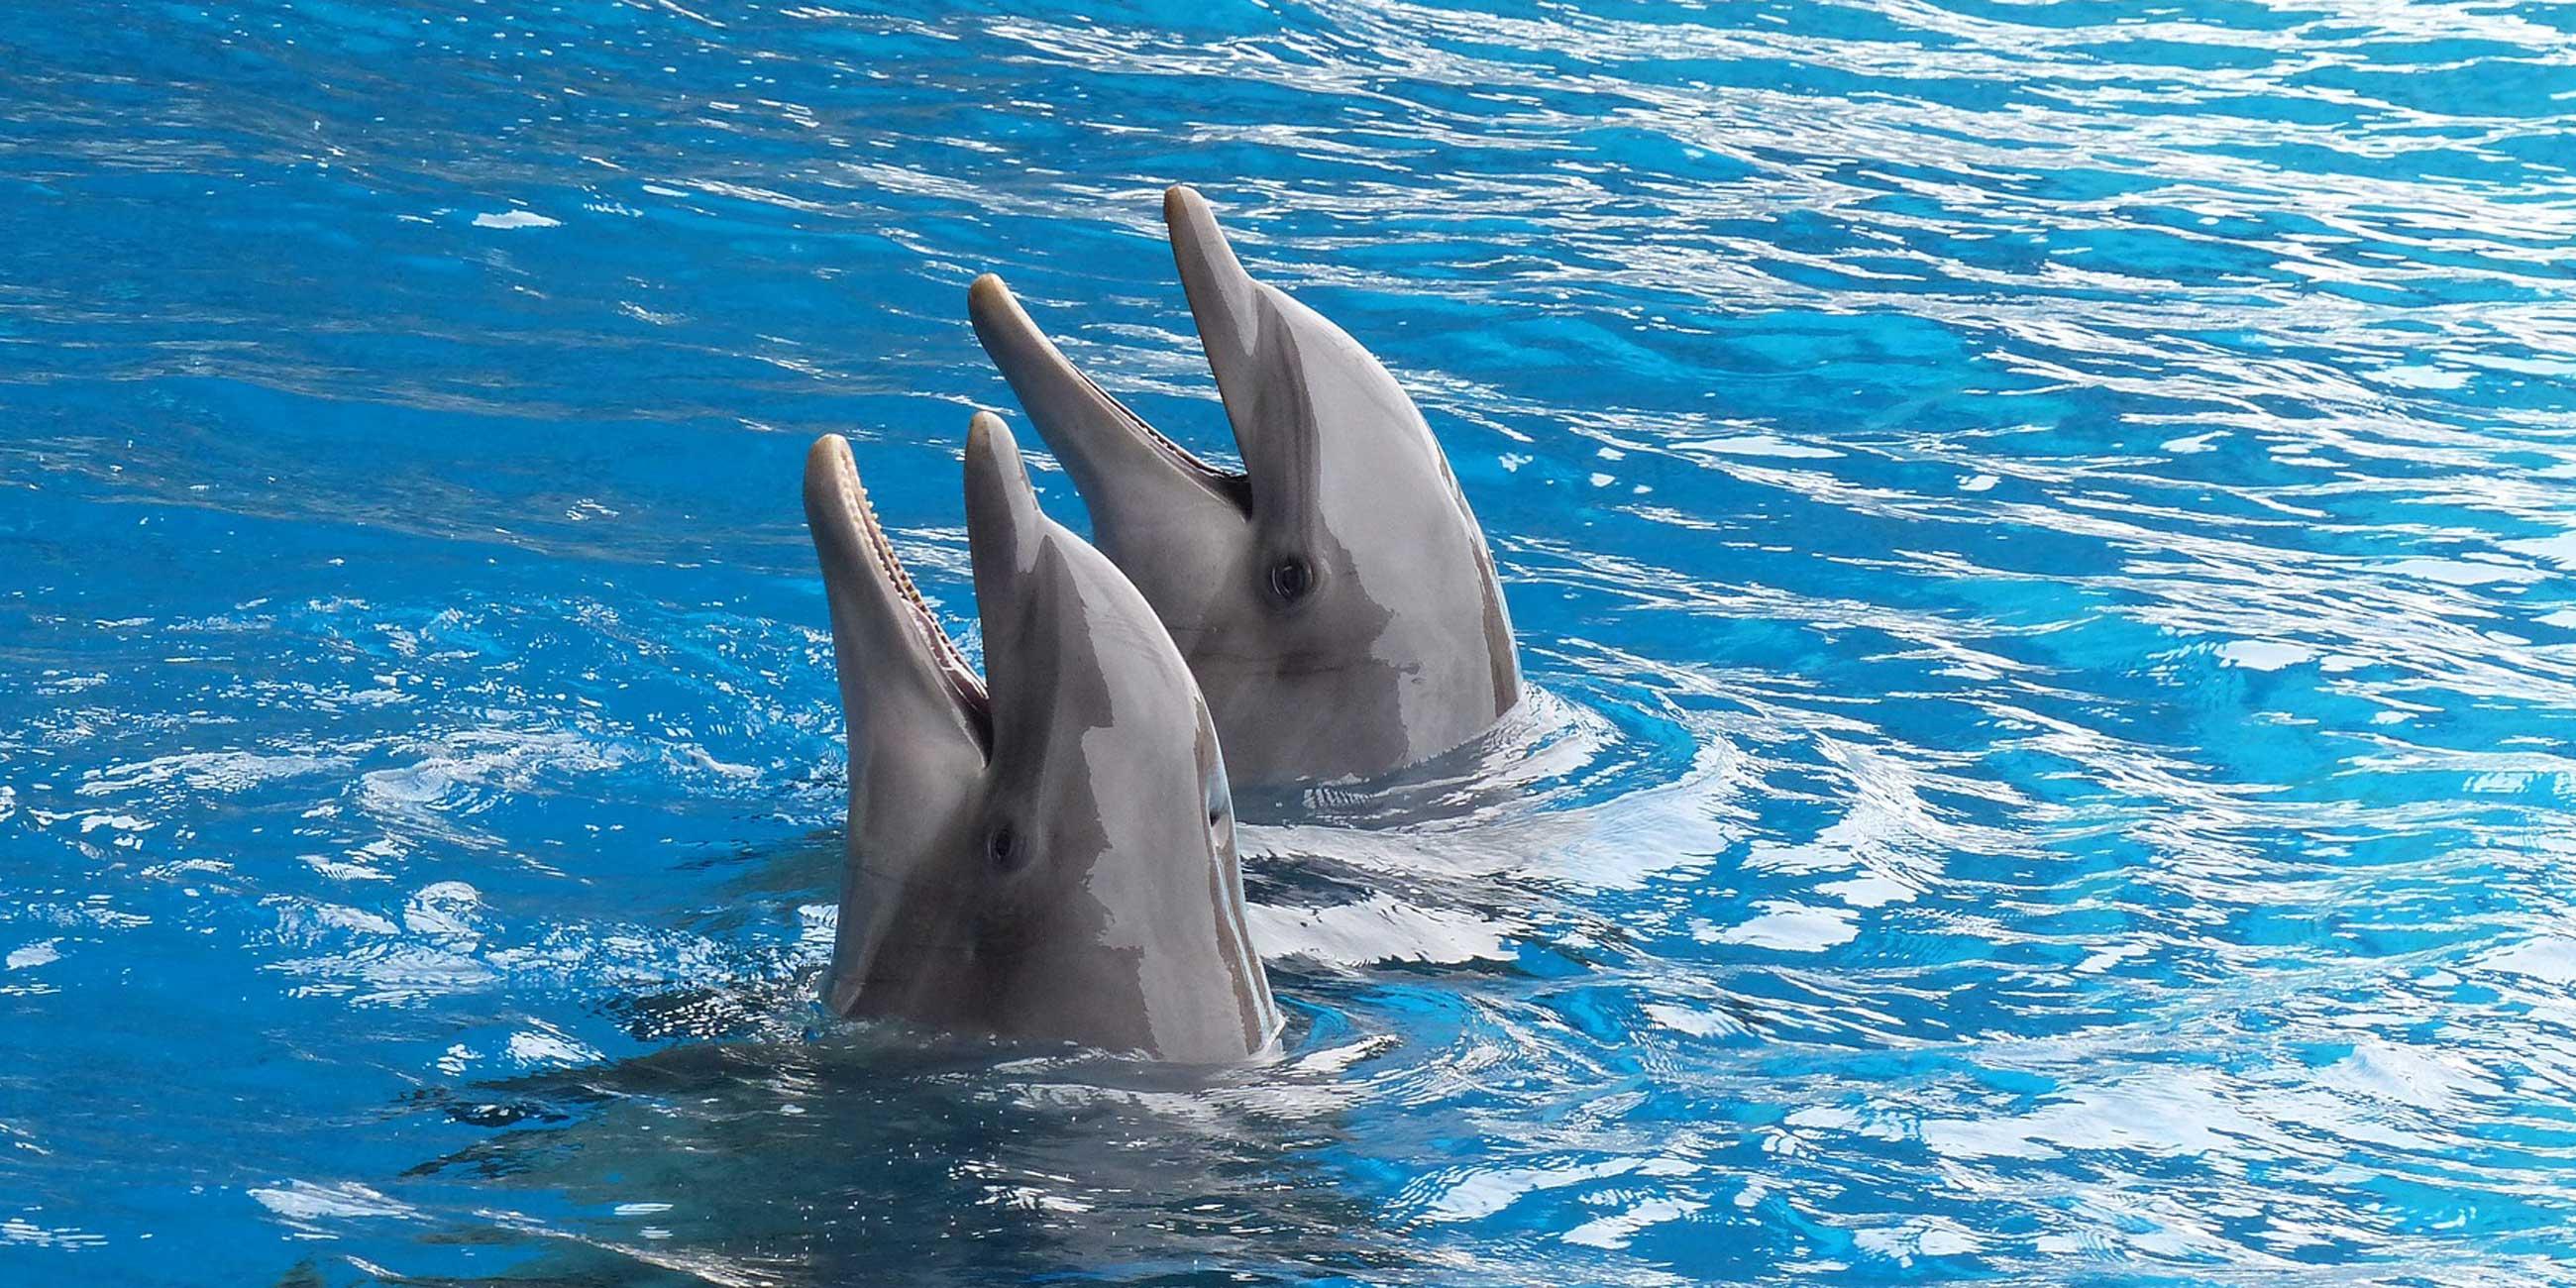 Евпаторийский дельфинарий считается самым большим в Крыму.